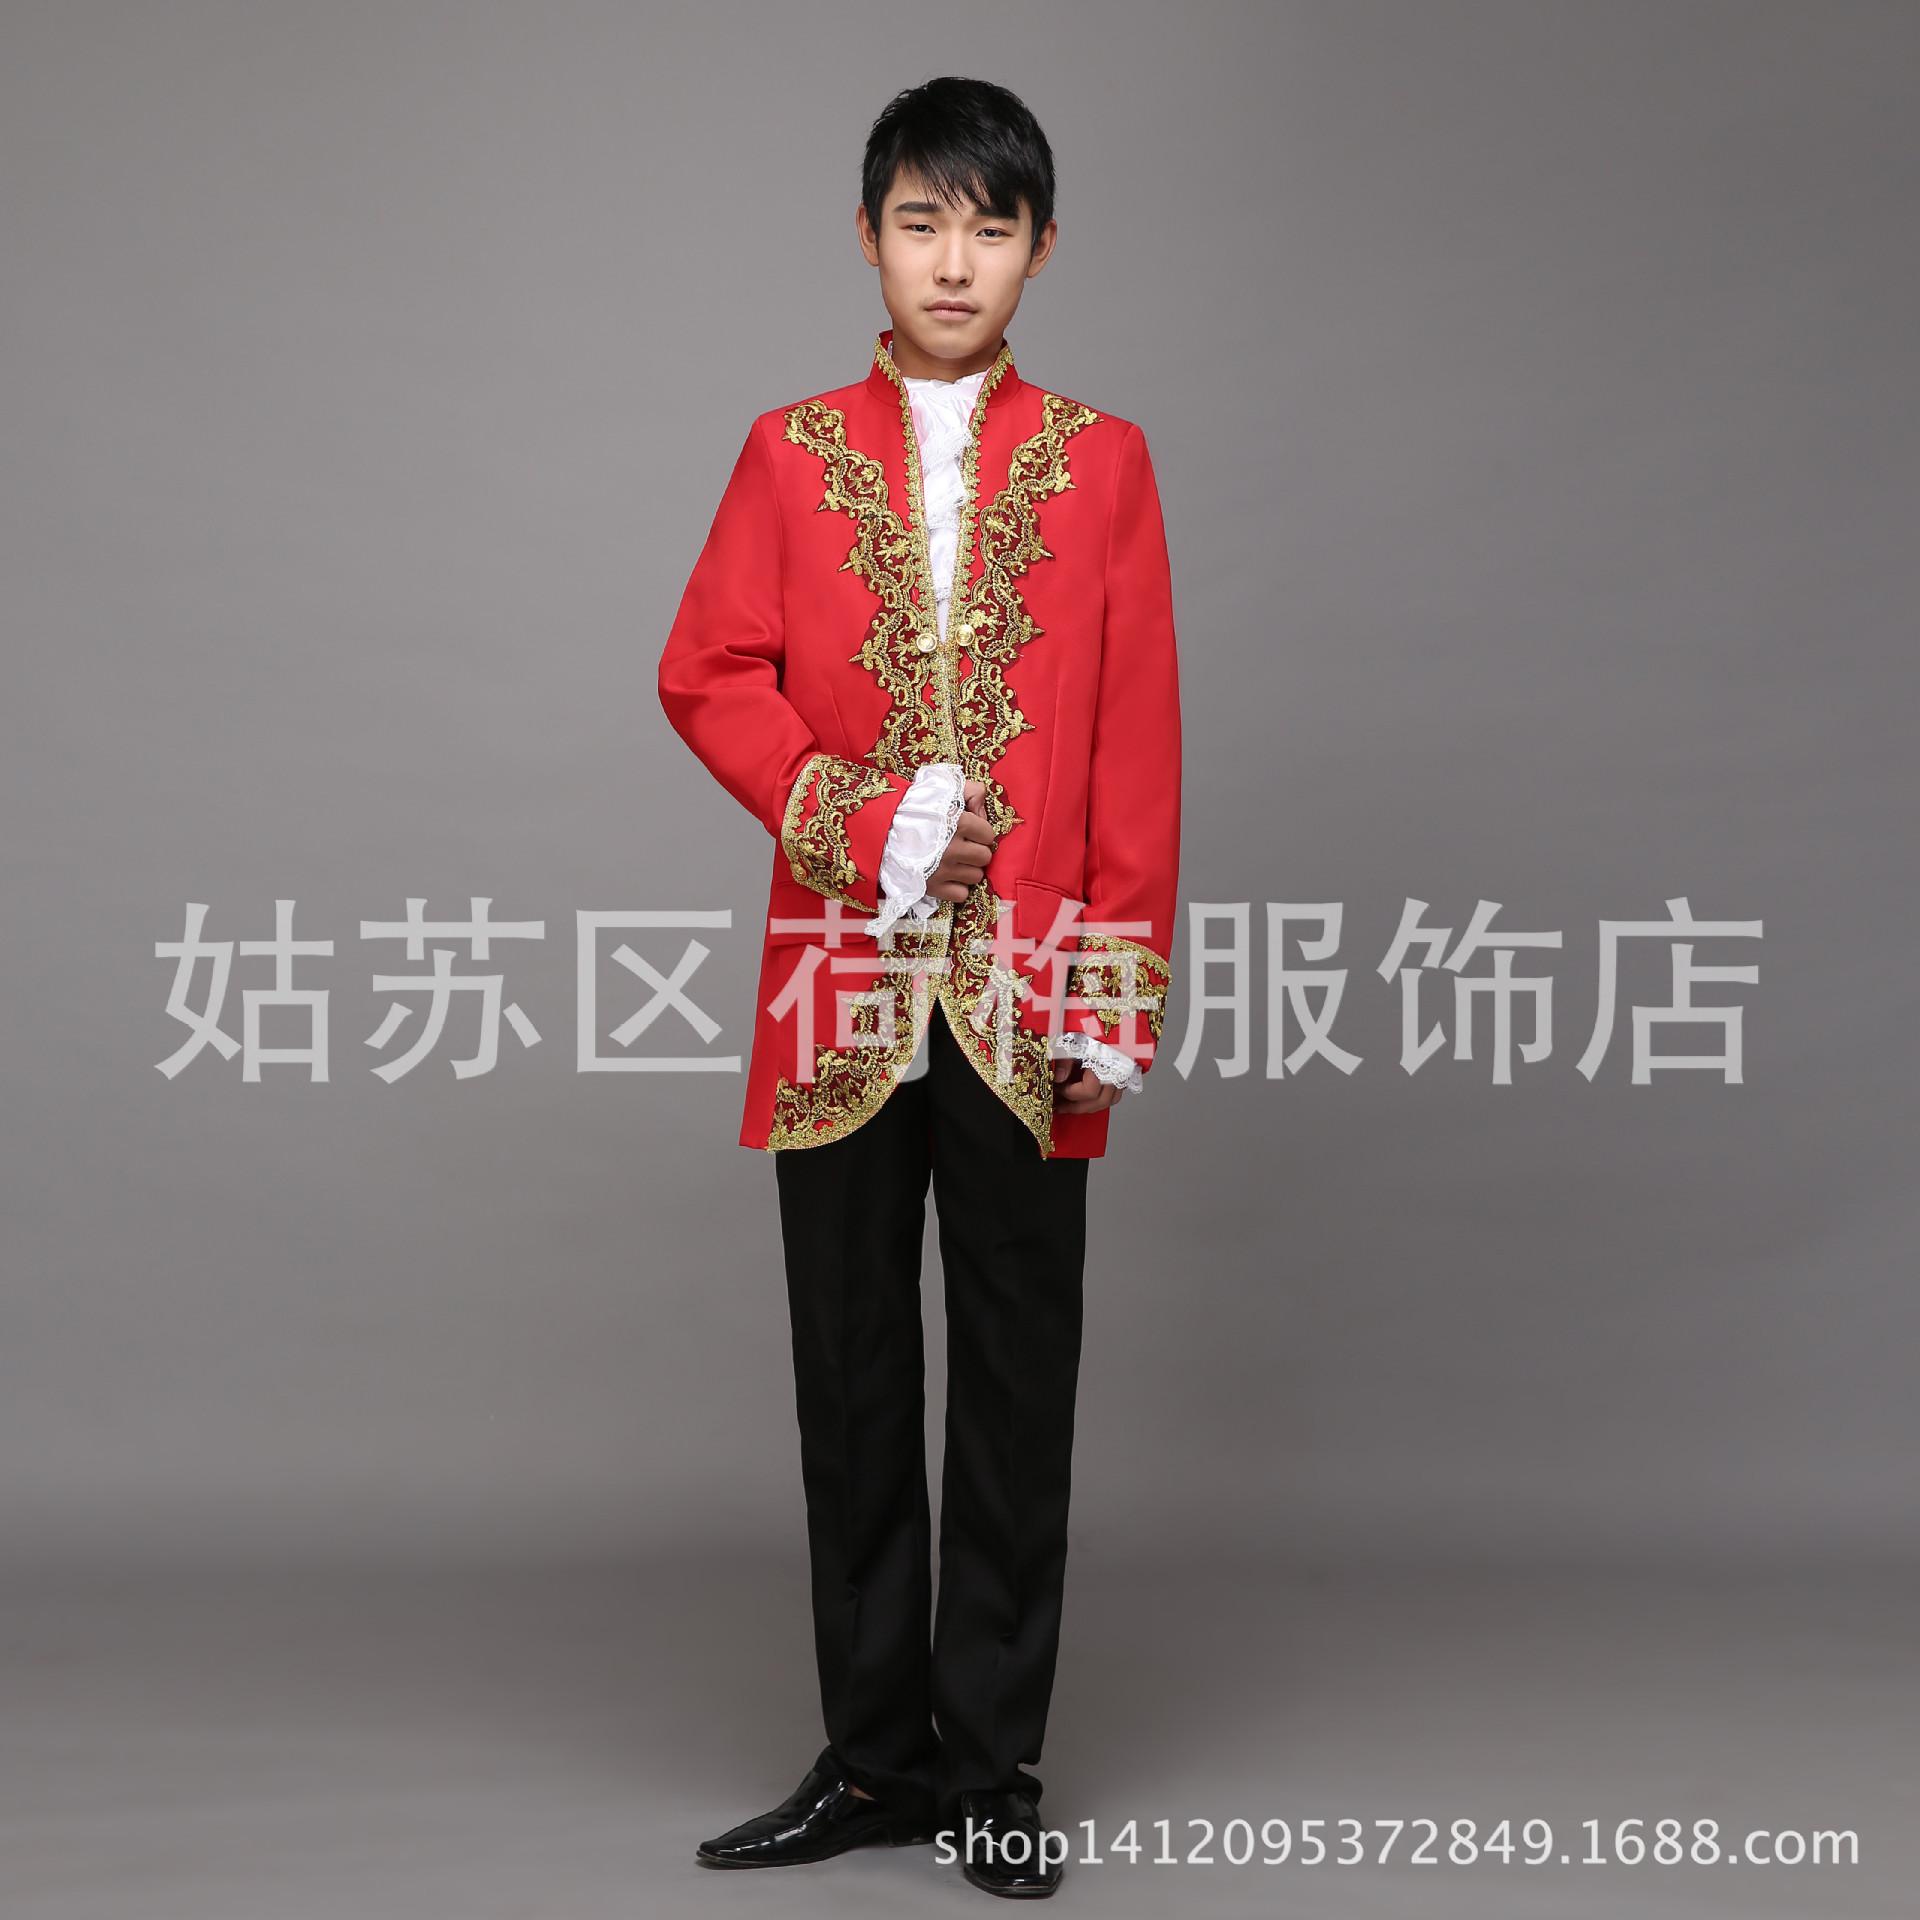 新款欧式宫廷装男士爵士王子宫廷服中式新郎西装主持人套装演出服